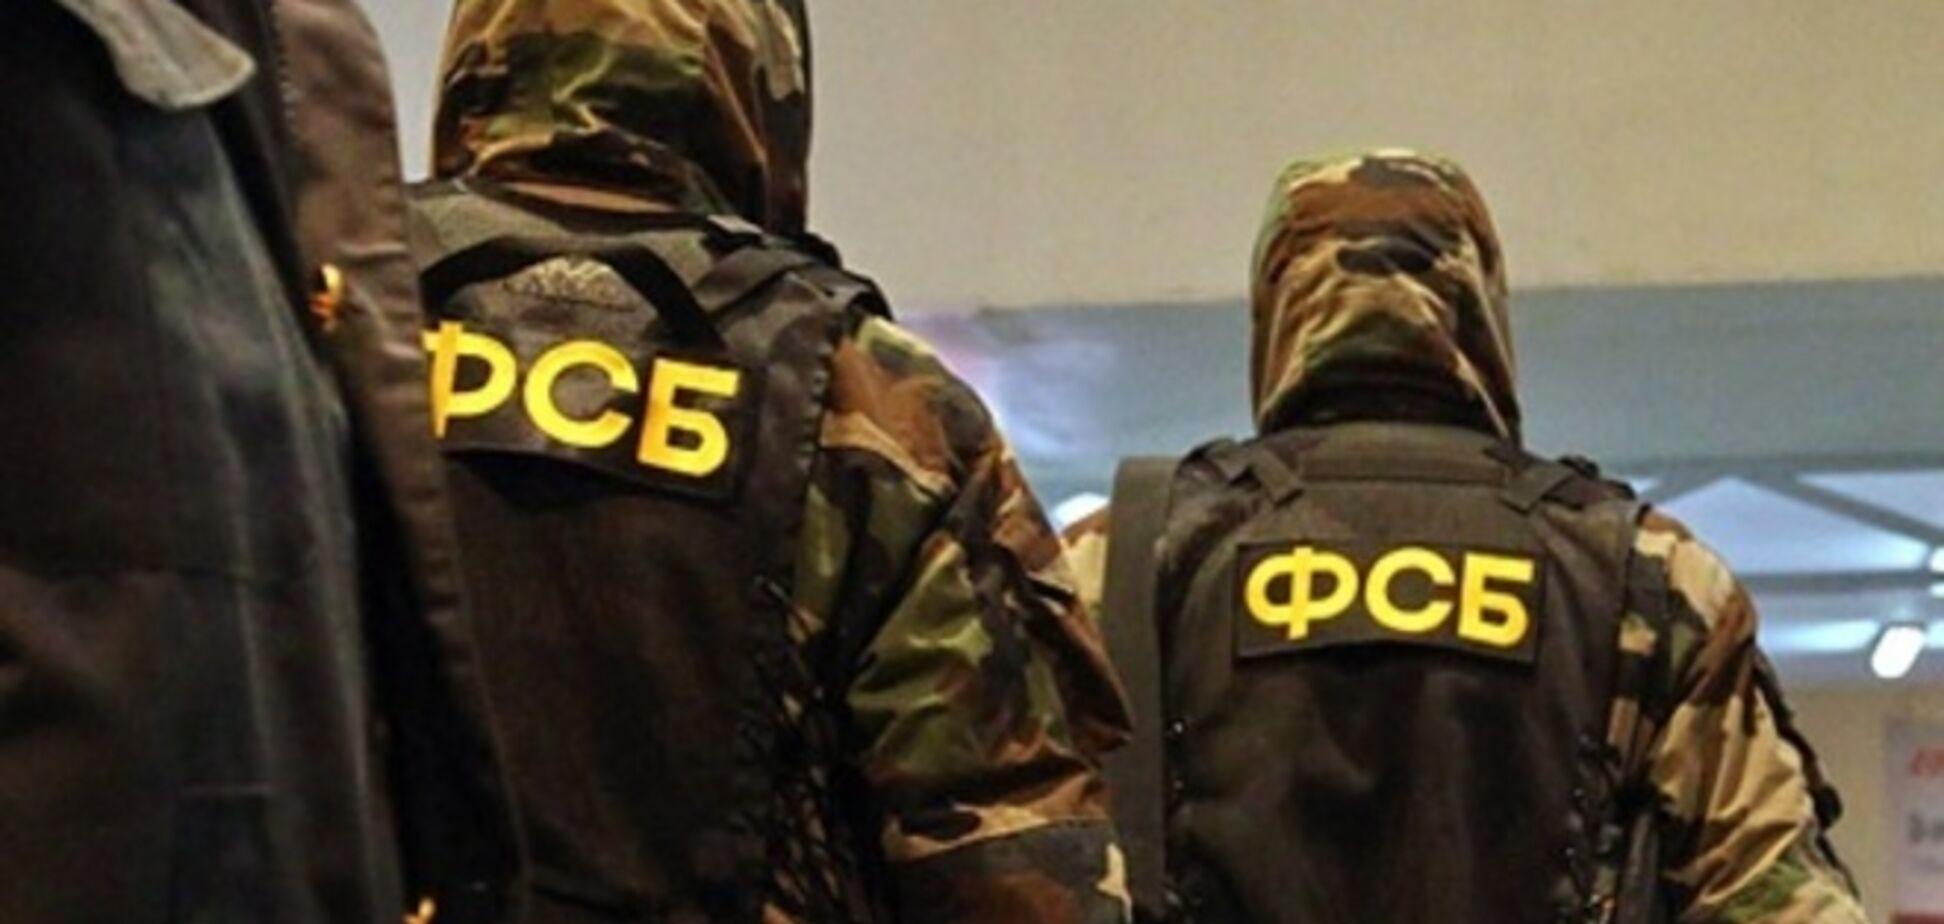 ФСБ задержала в России турка, подозреваемого в терроризме